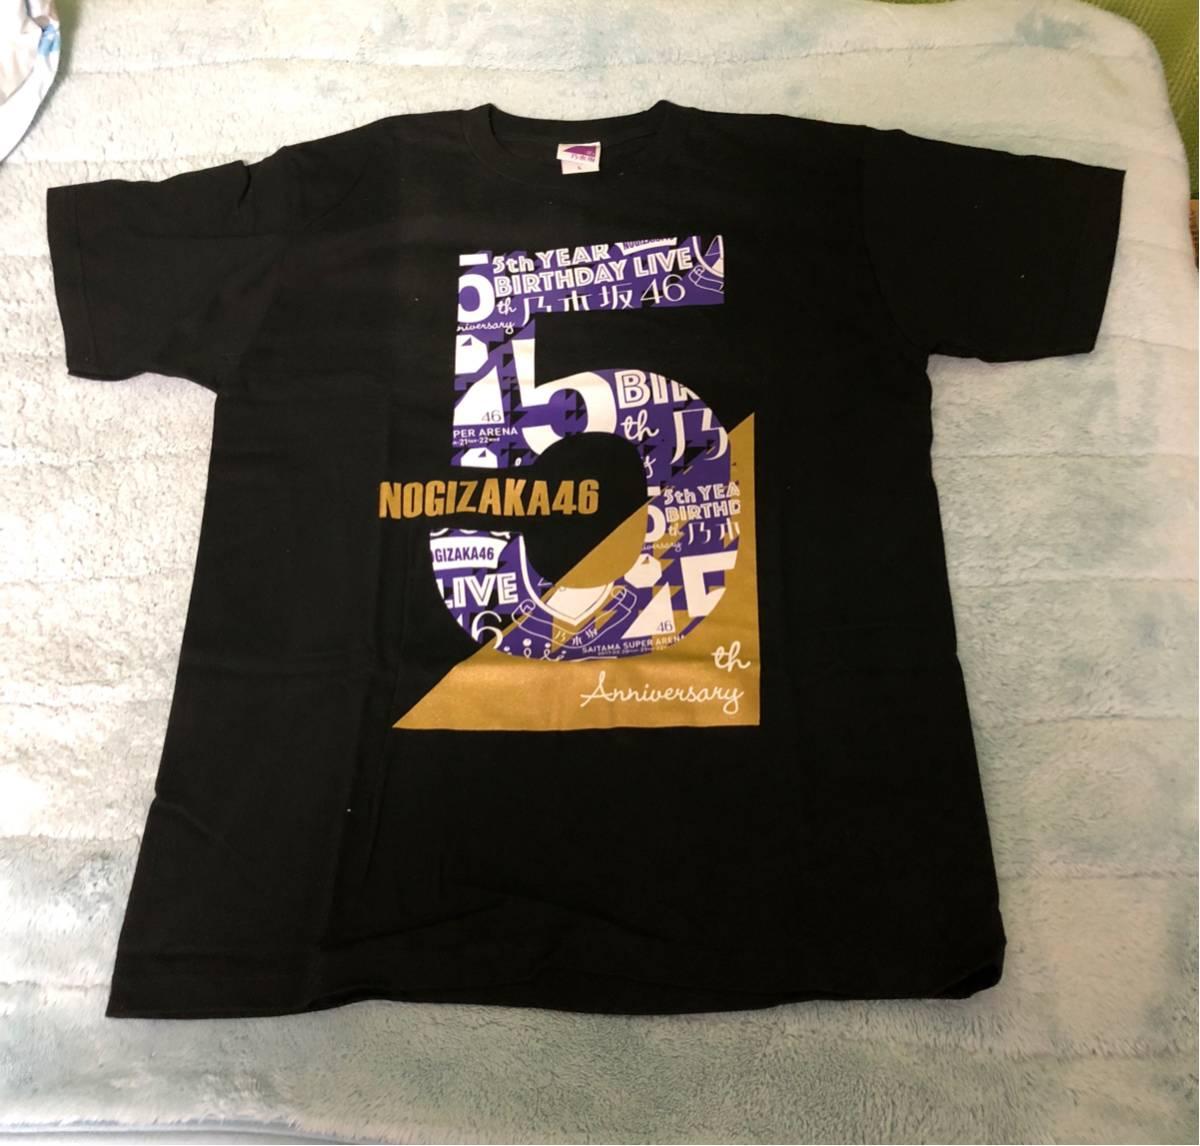 乃木坂46 5th Year Birthday Live Tシャツ